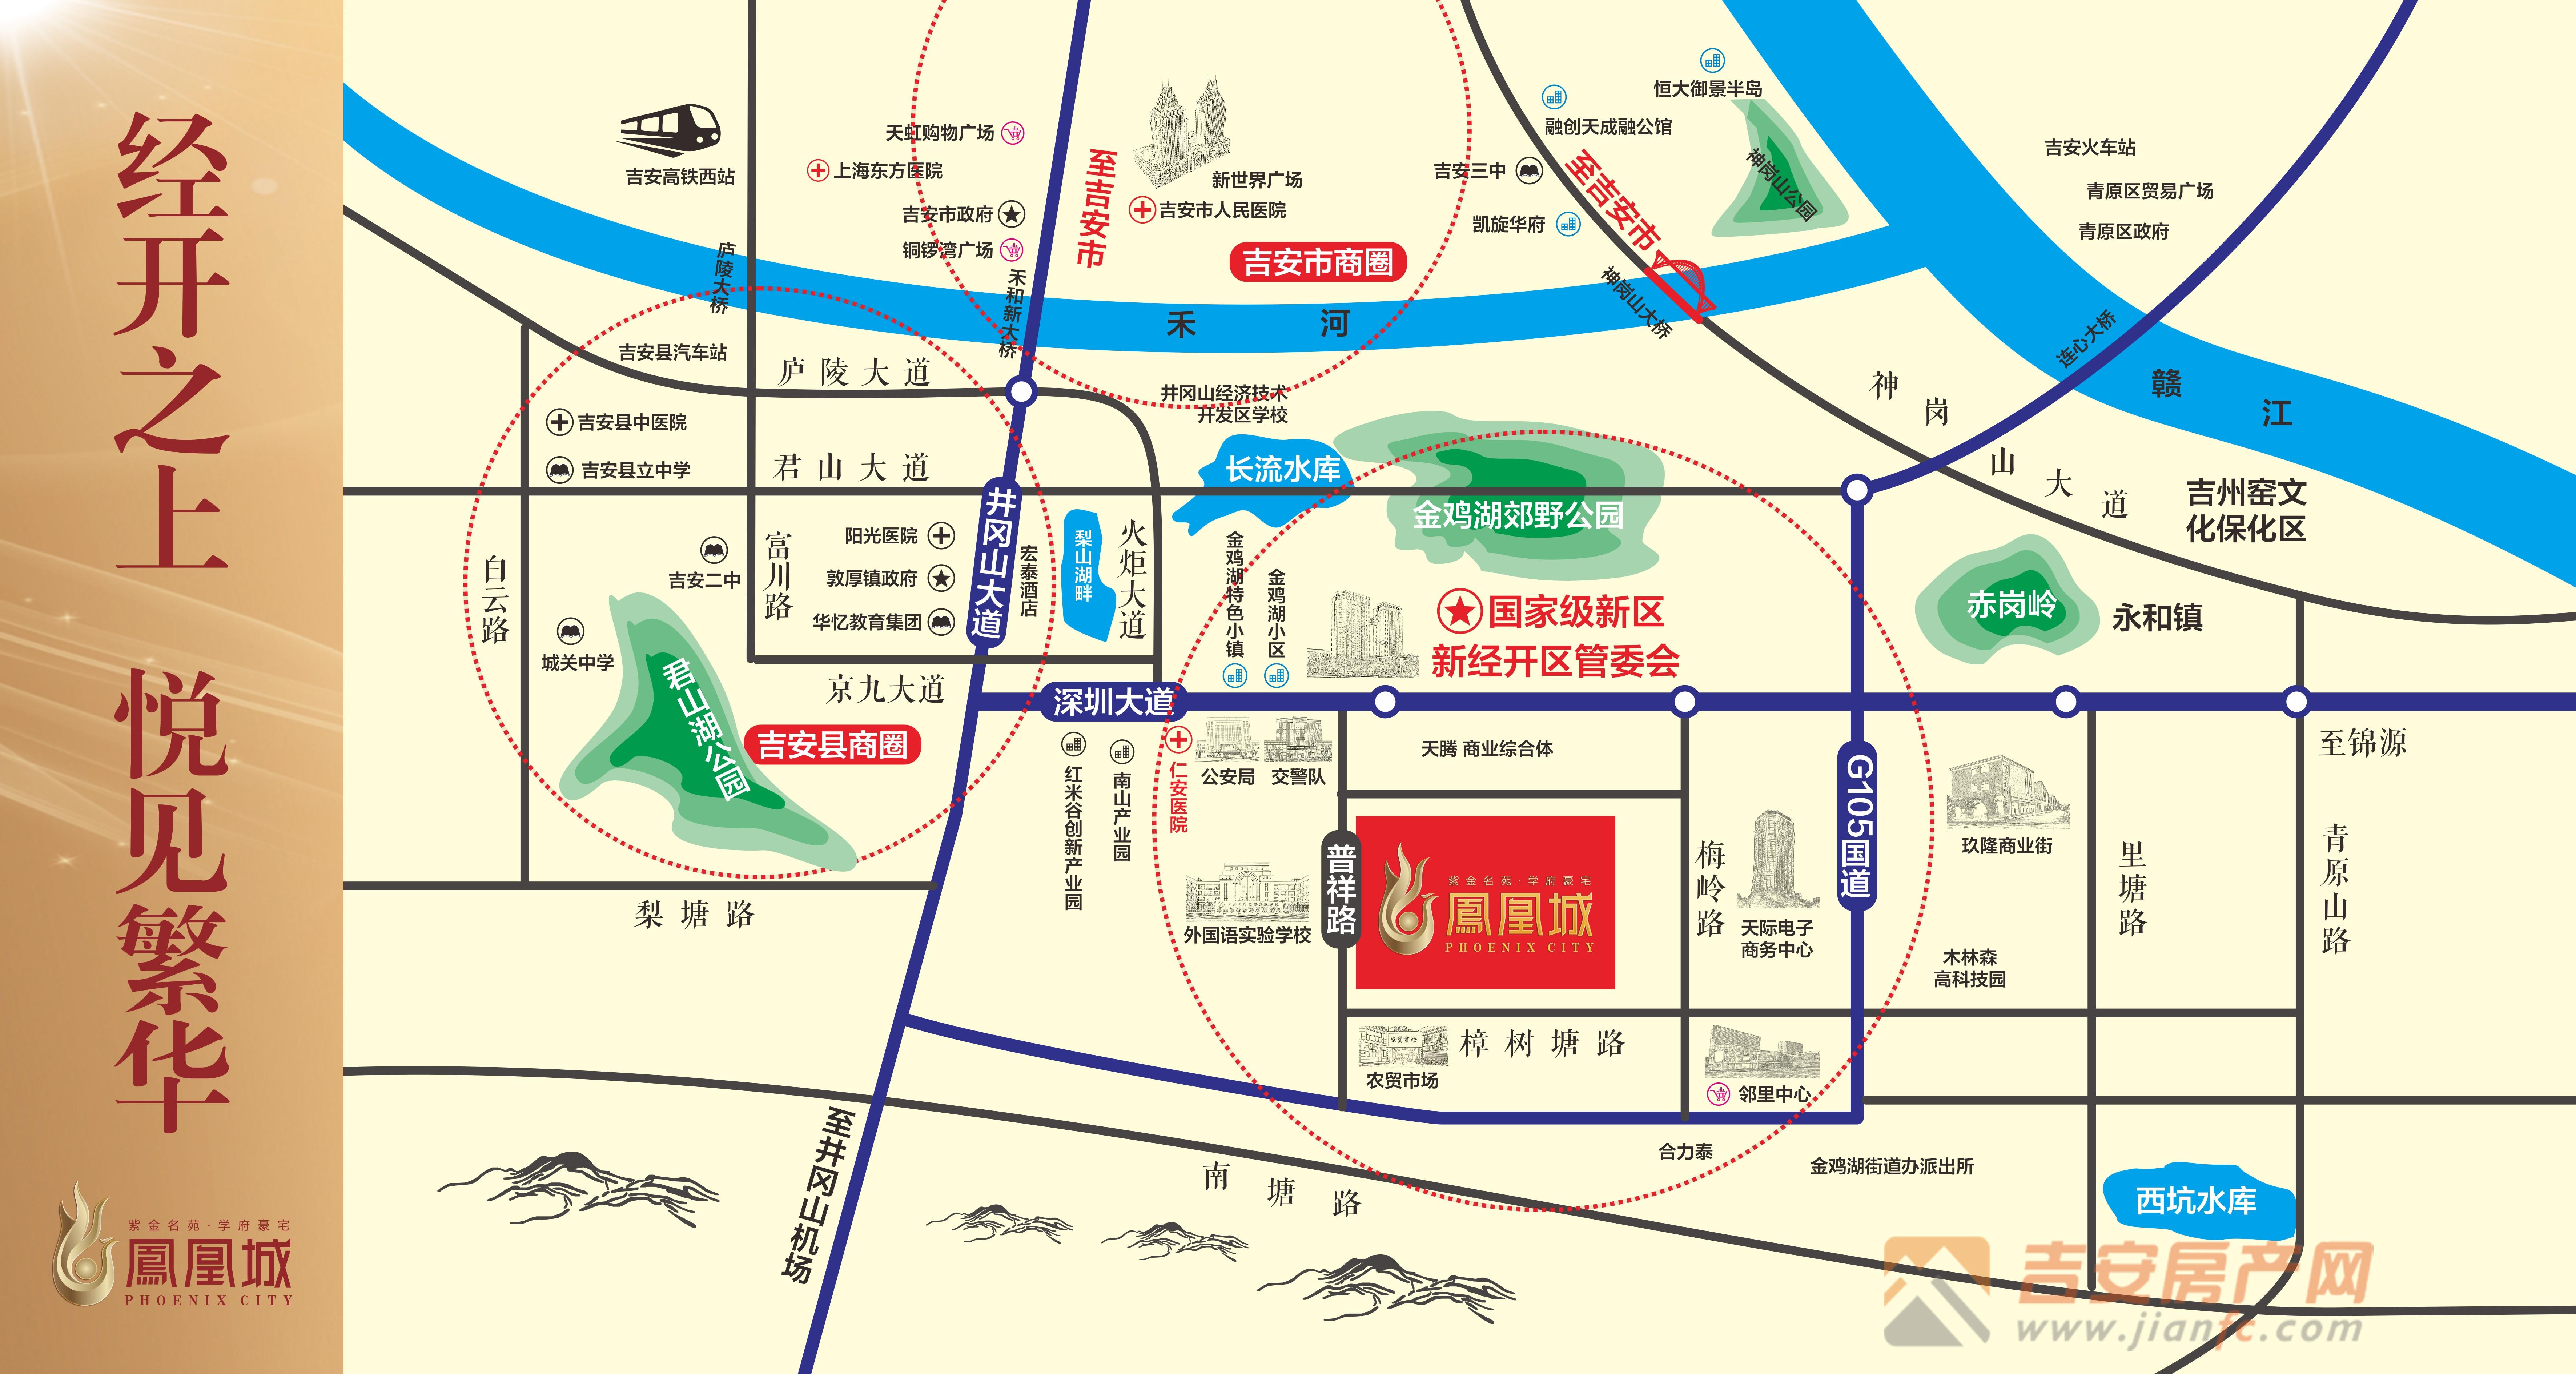 紫金·凤凰城区位图-吉安房产网